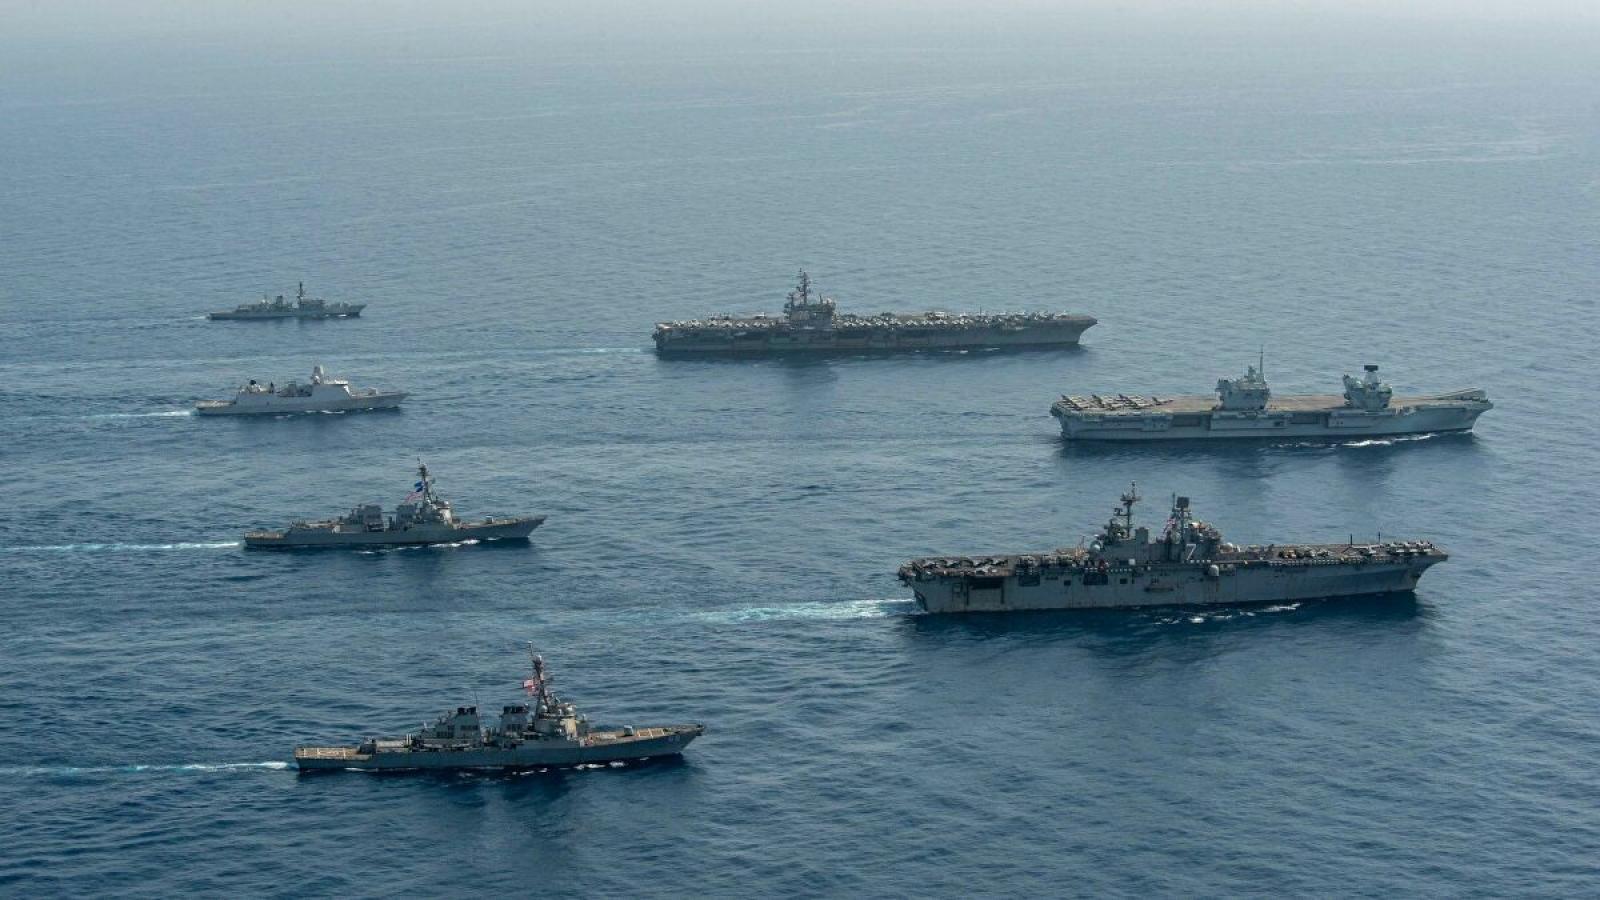 Tàu sân bay Anh, Mỹ tập trận quy mô lớn ở Vịnh Aden